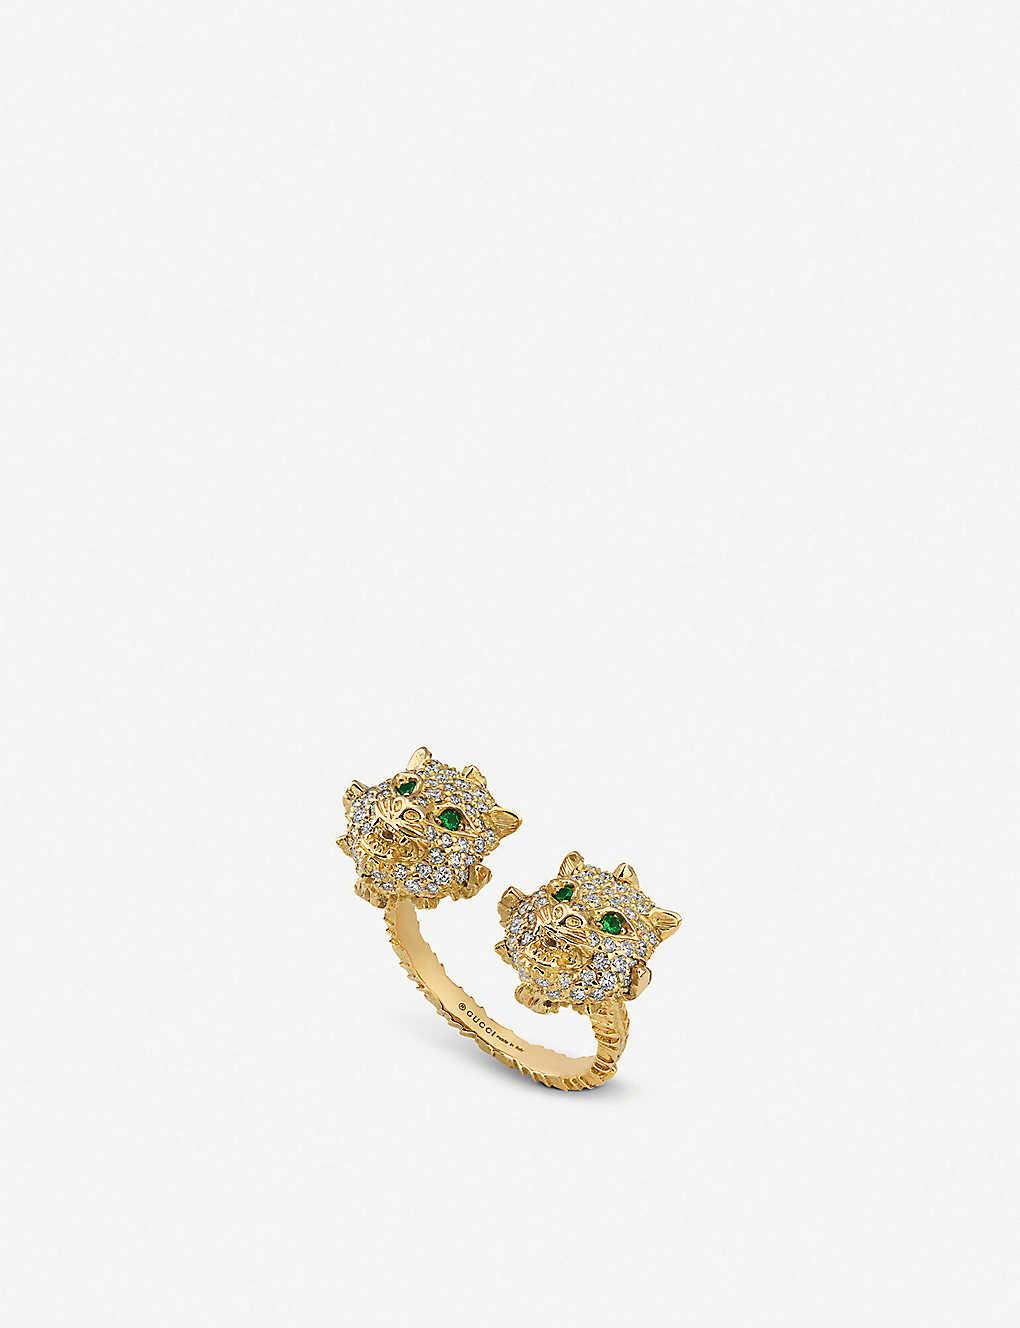 2d9224542a5481 GUCCI - Le Marché des Merveilles 18ct yellow-gold, tsavorite and ...